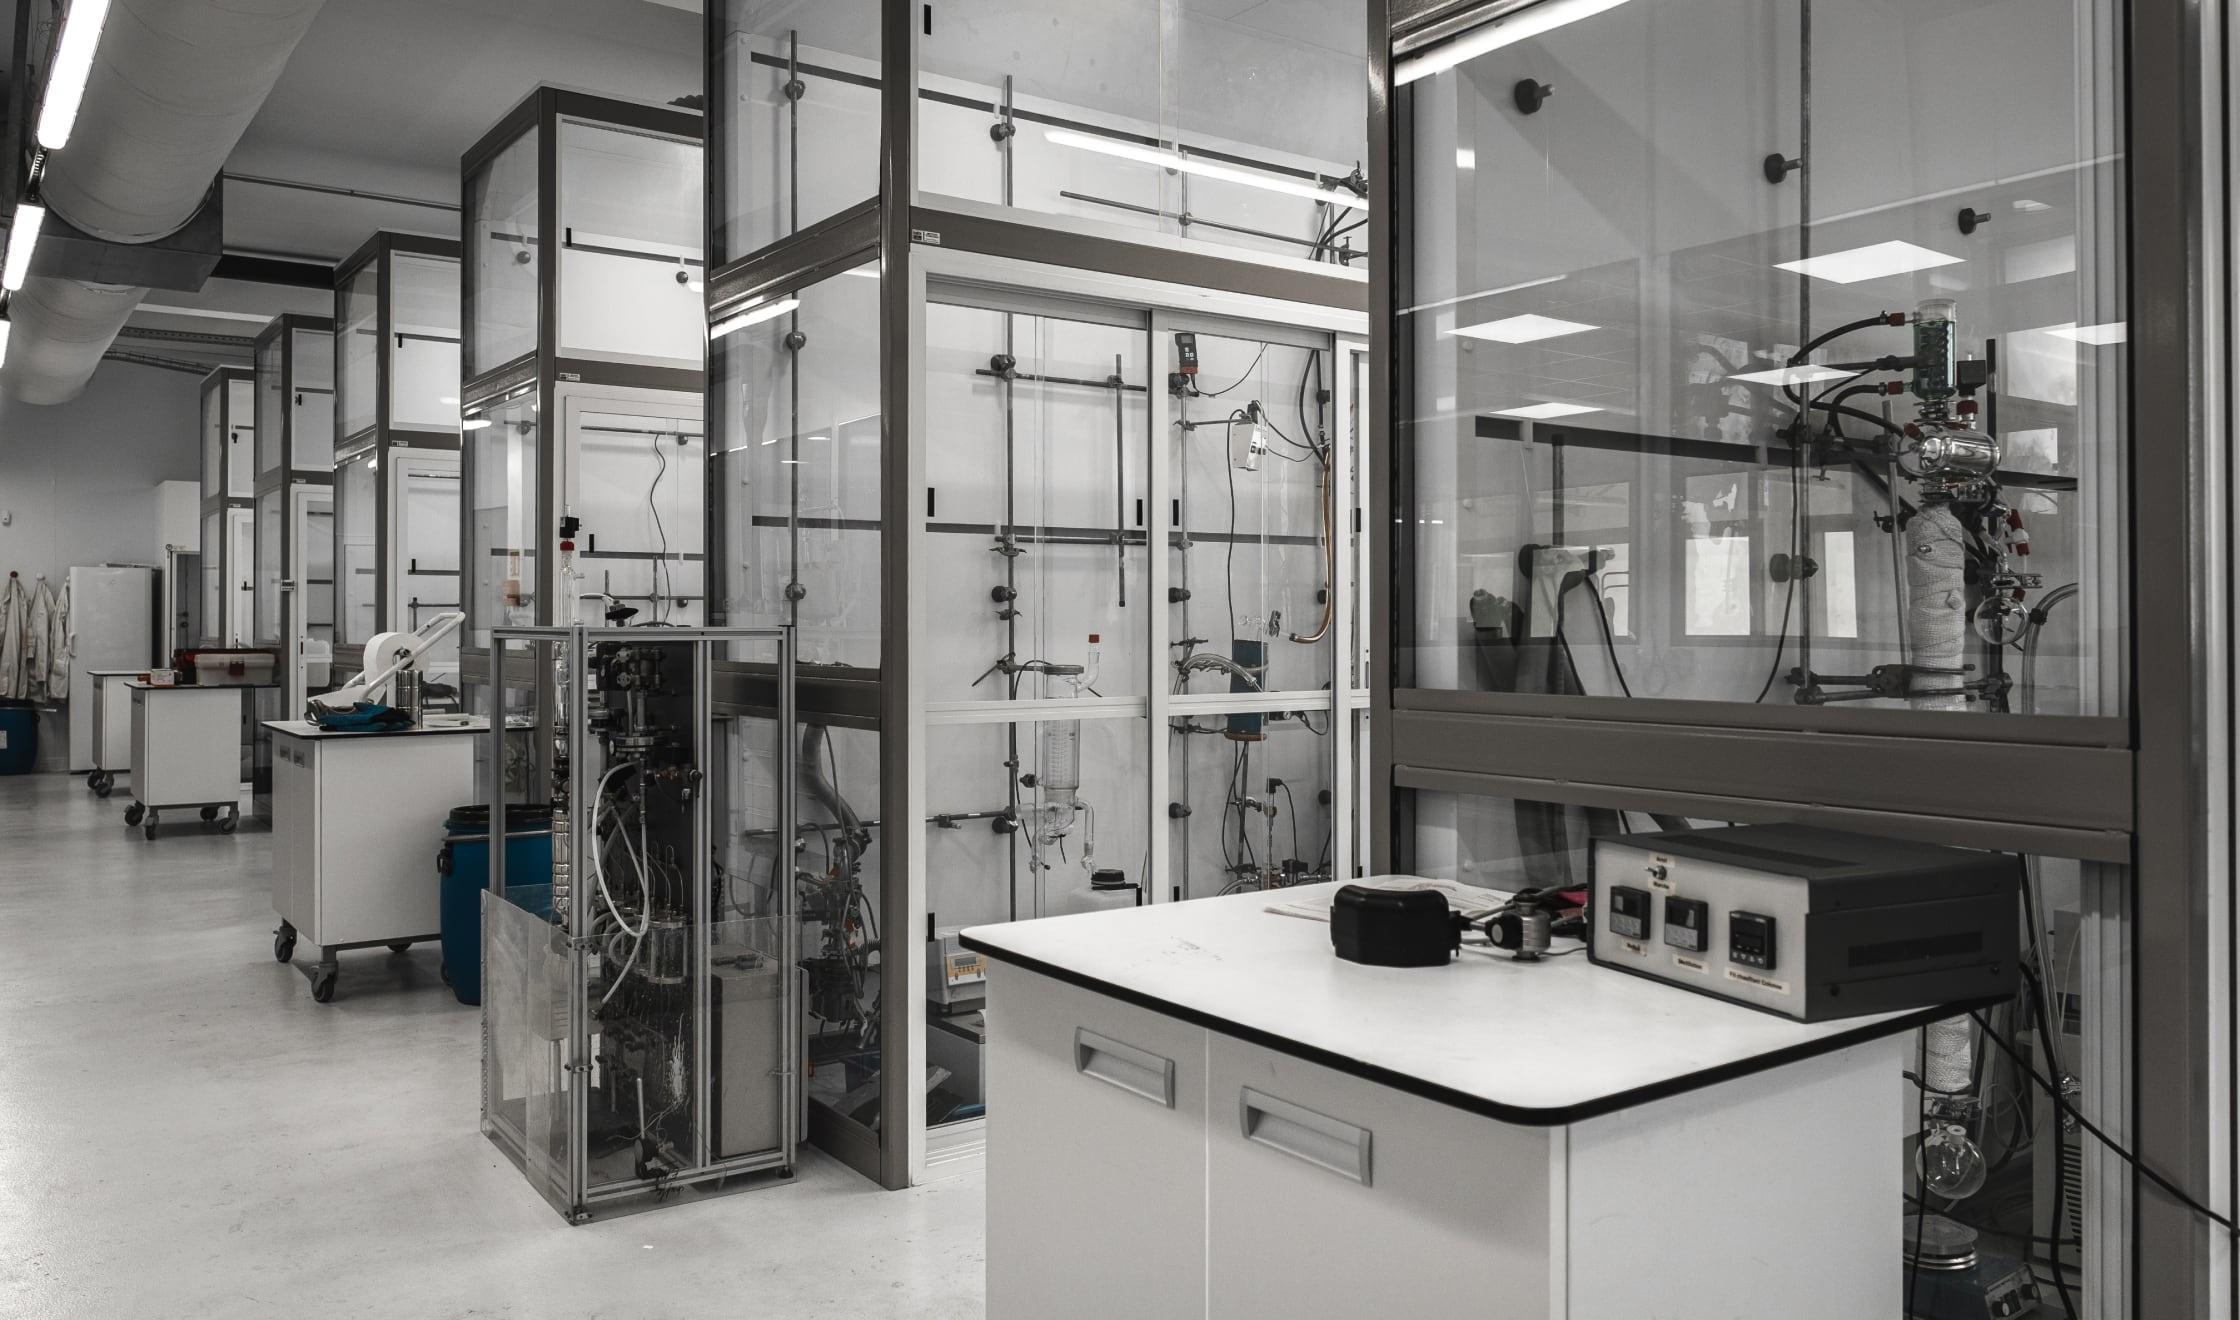 Équipements du laboratoire